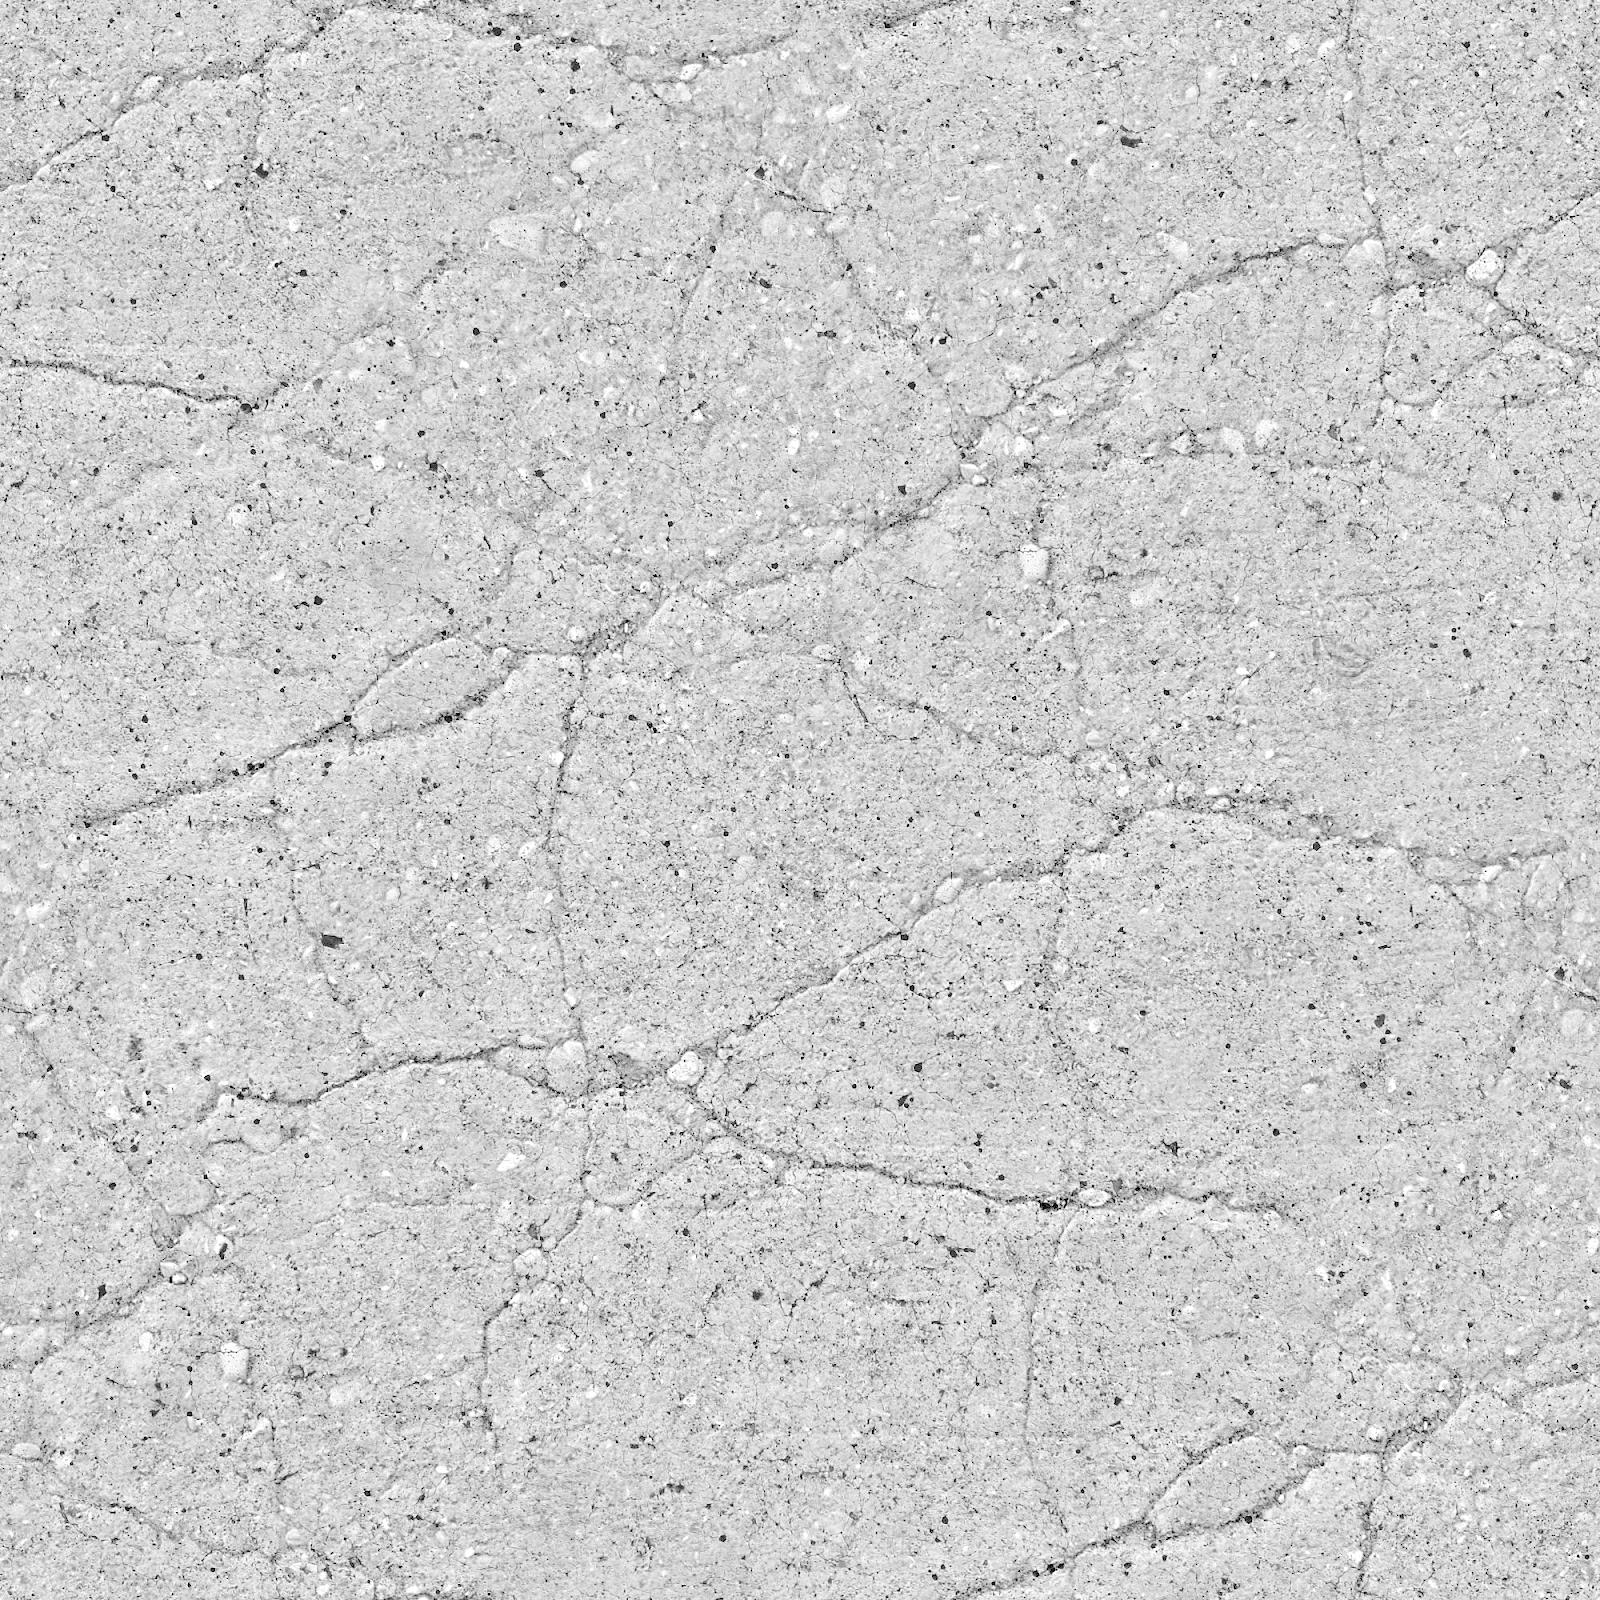 Sketchup Texture July